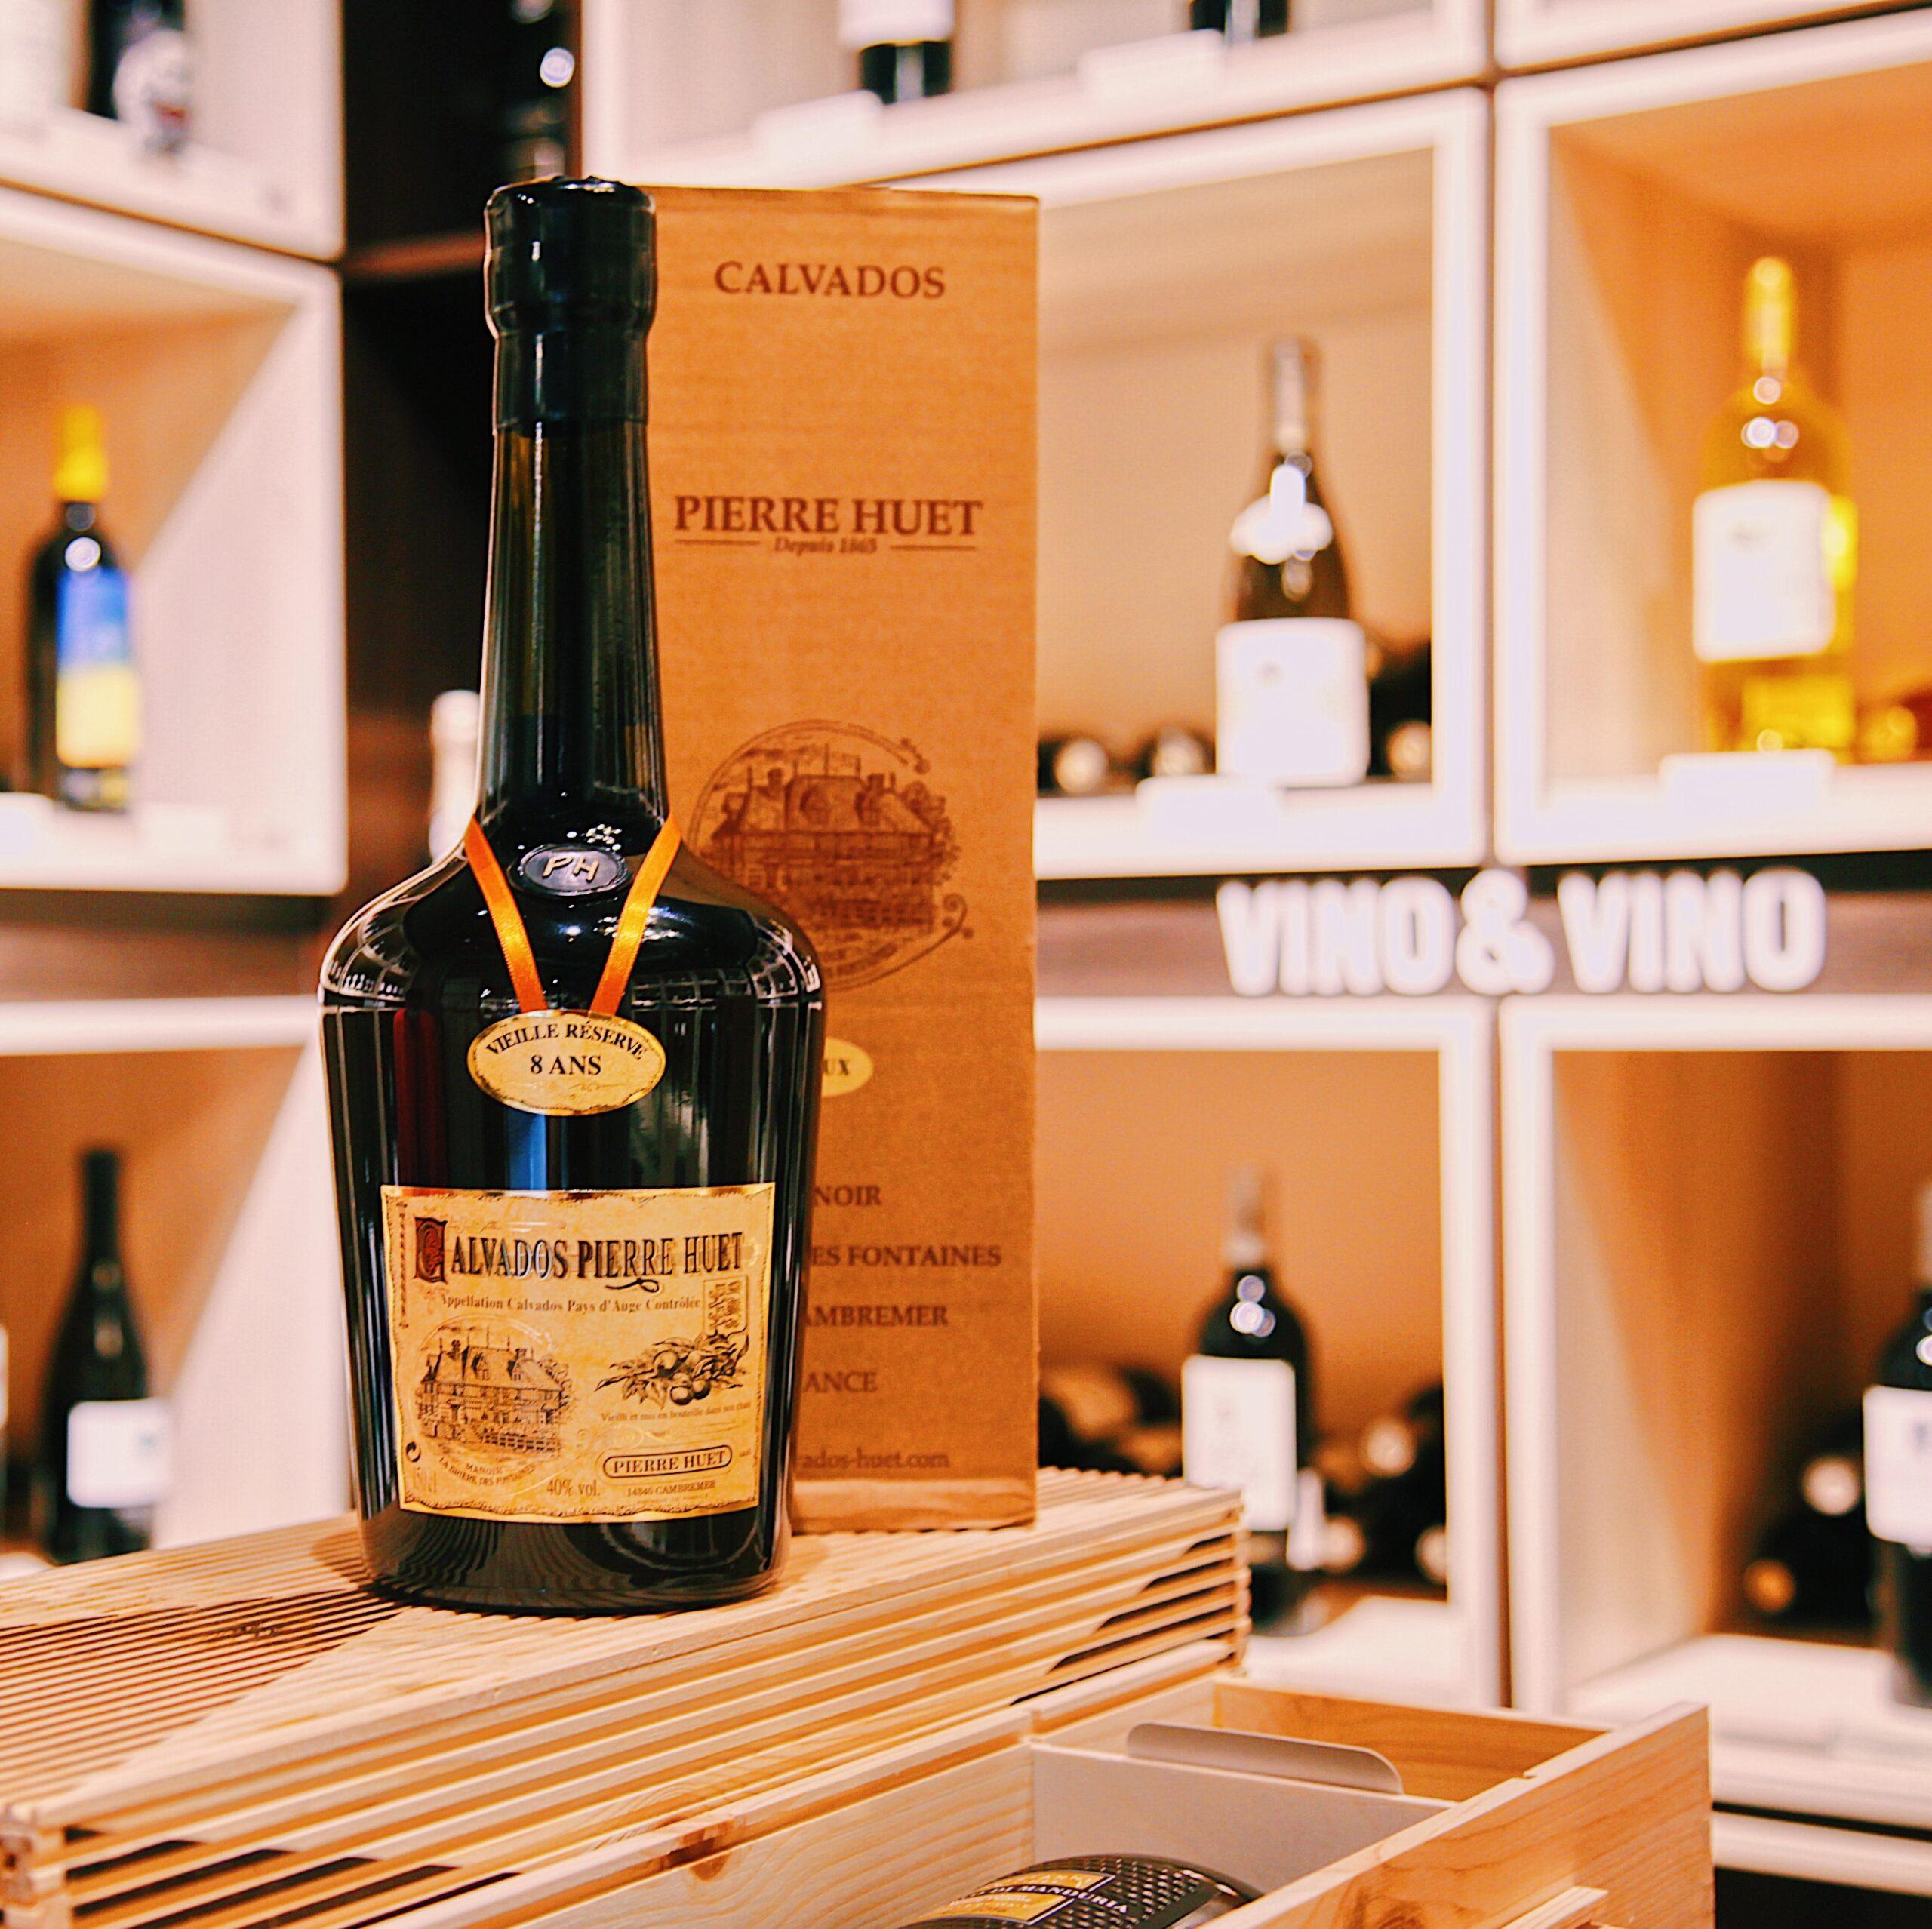 Calvados 8 Ans